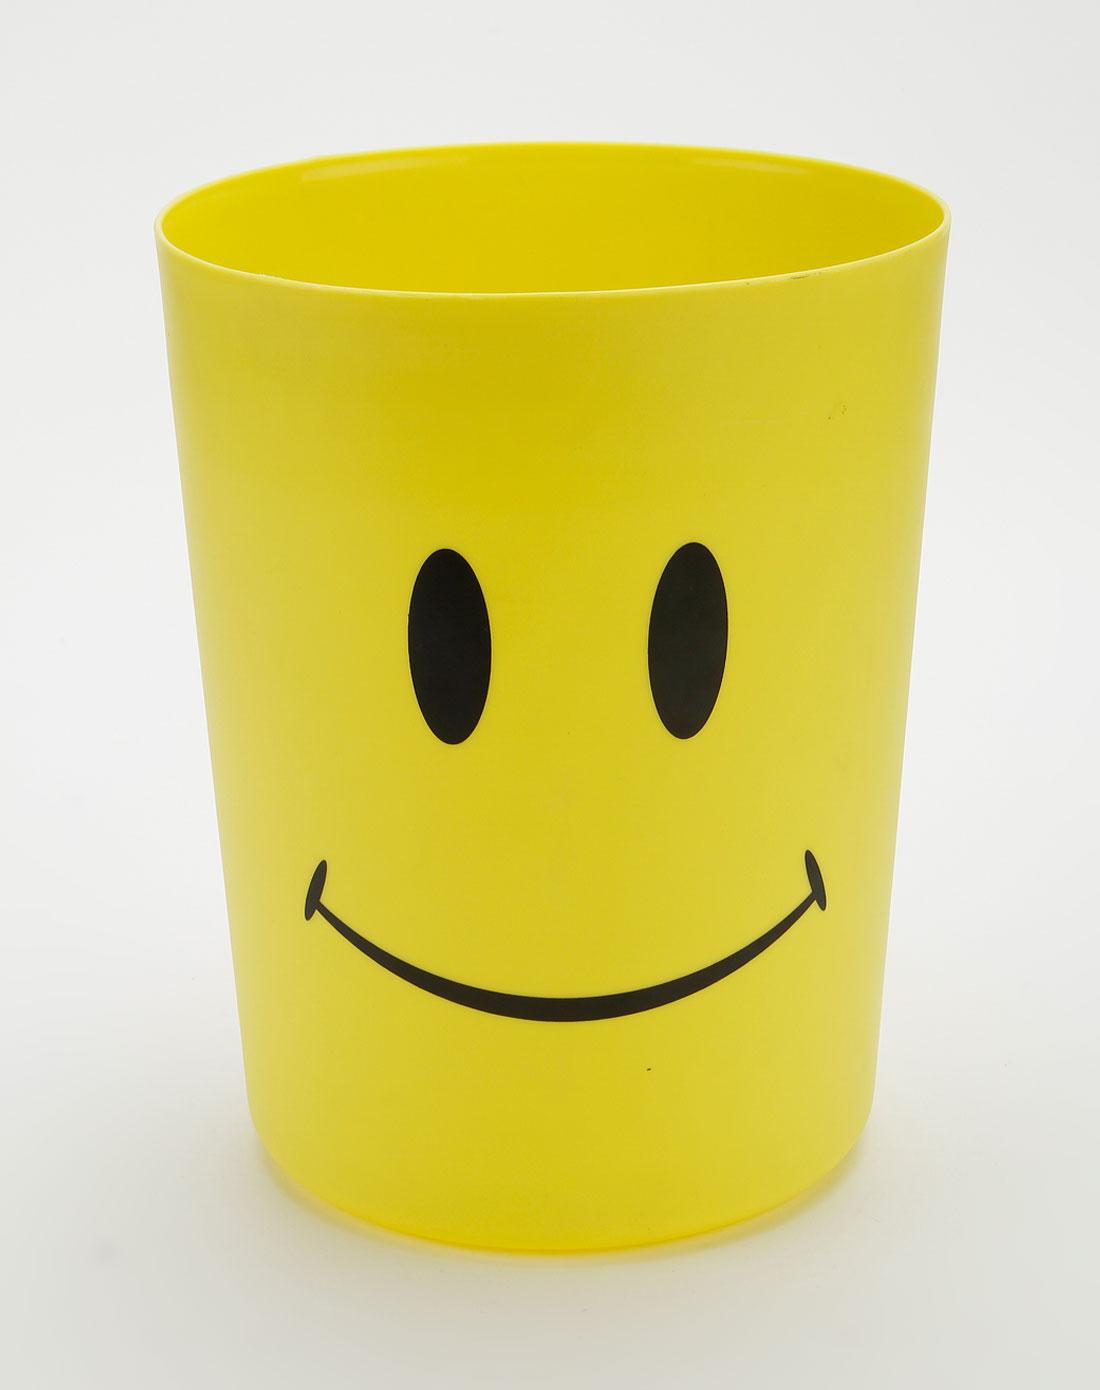 彩笑脸垃圾桶bh-1541